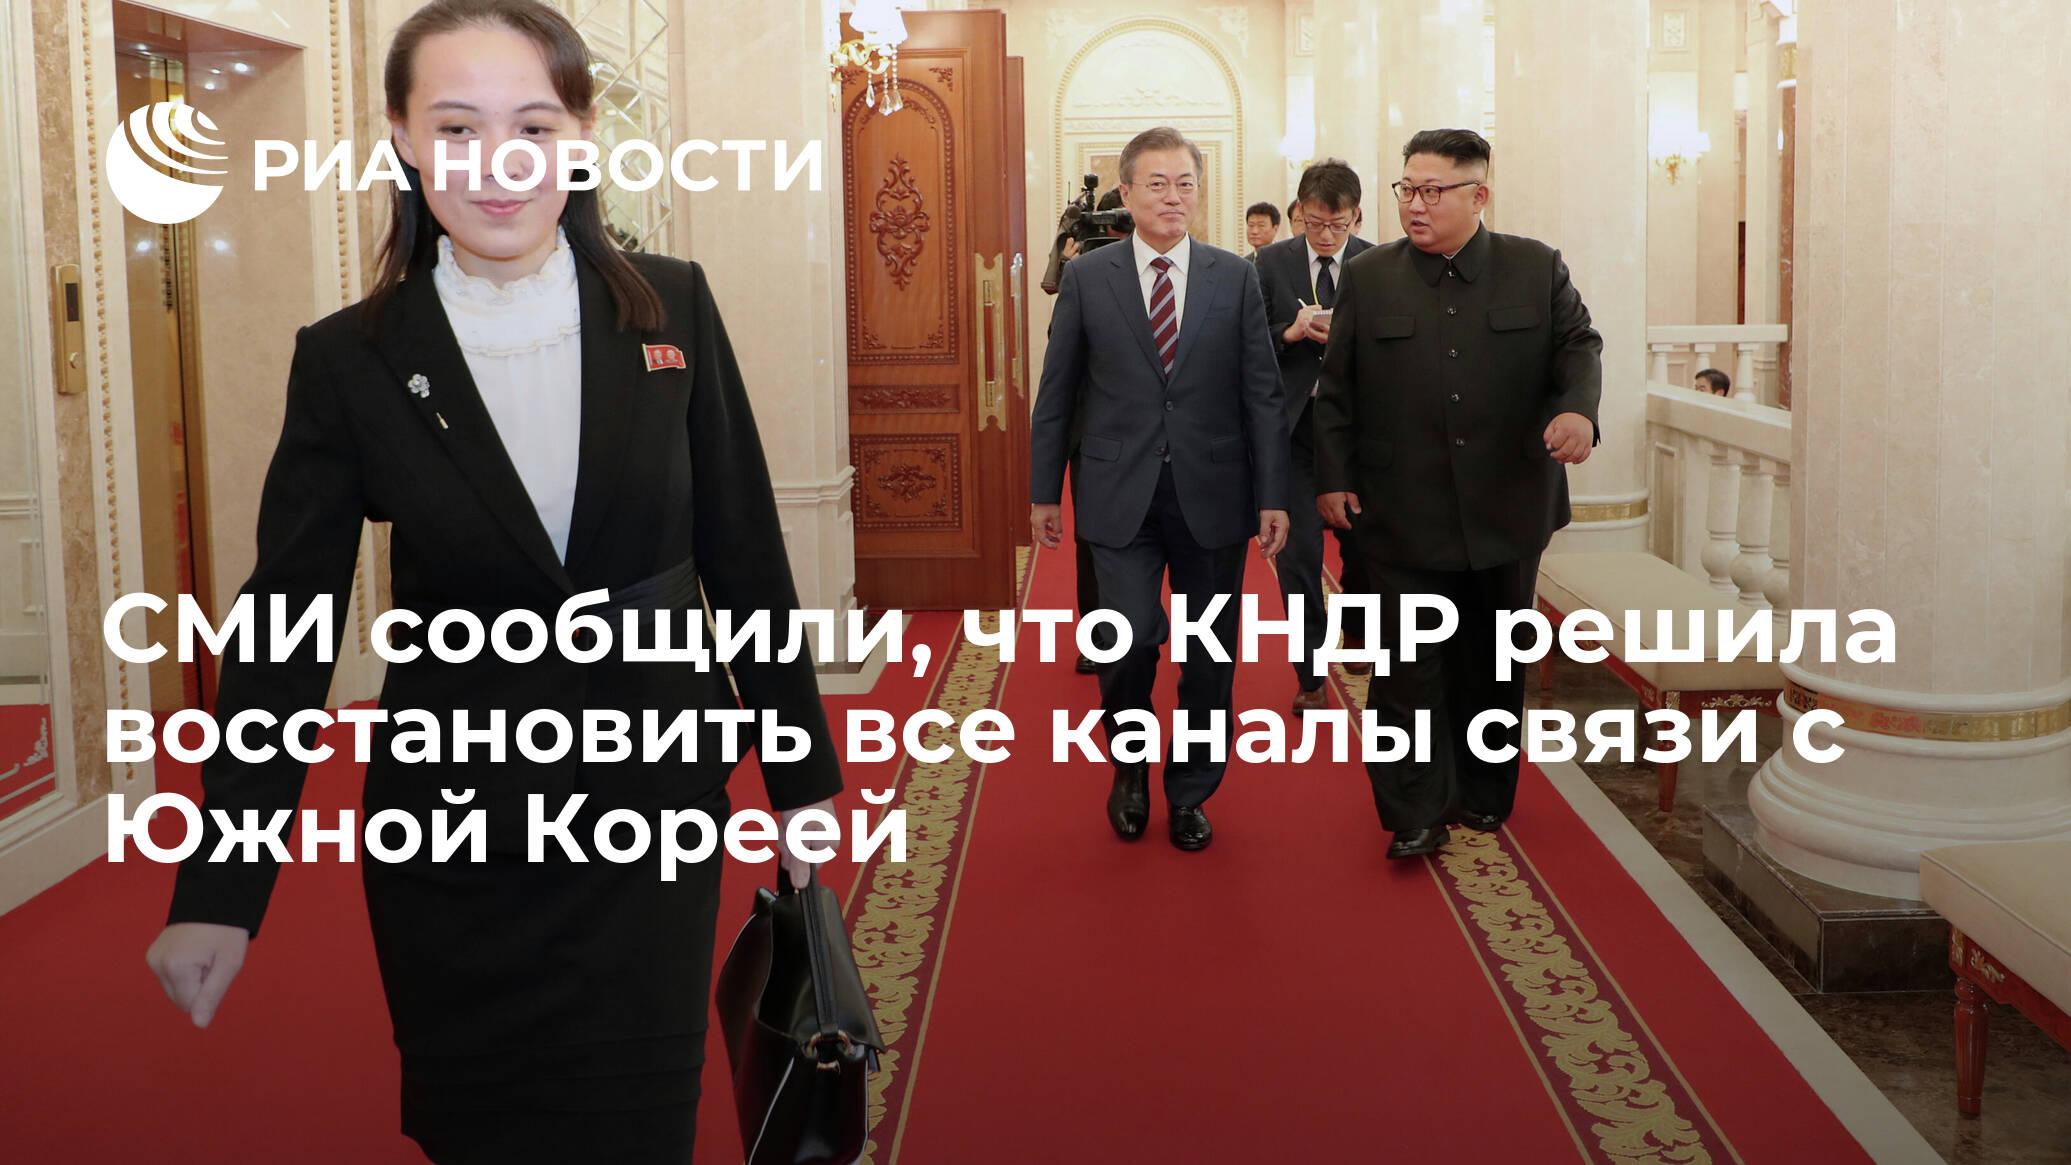 СМИ сообщили, что КНДР решила восстановить все каналы связи с Южной Кореей